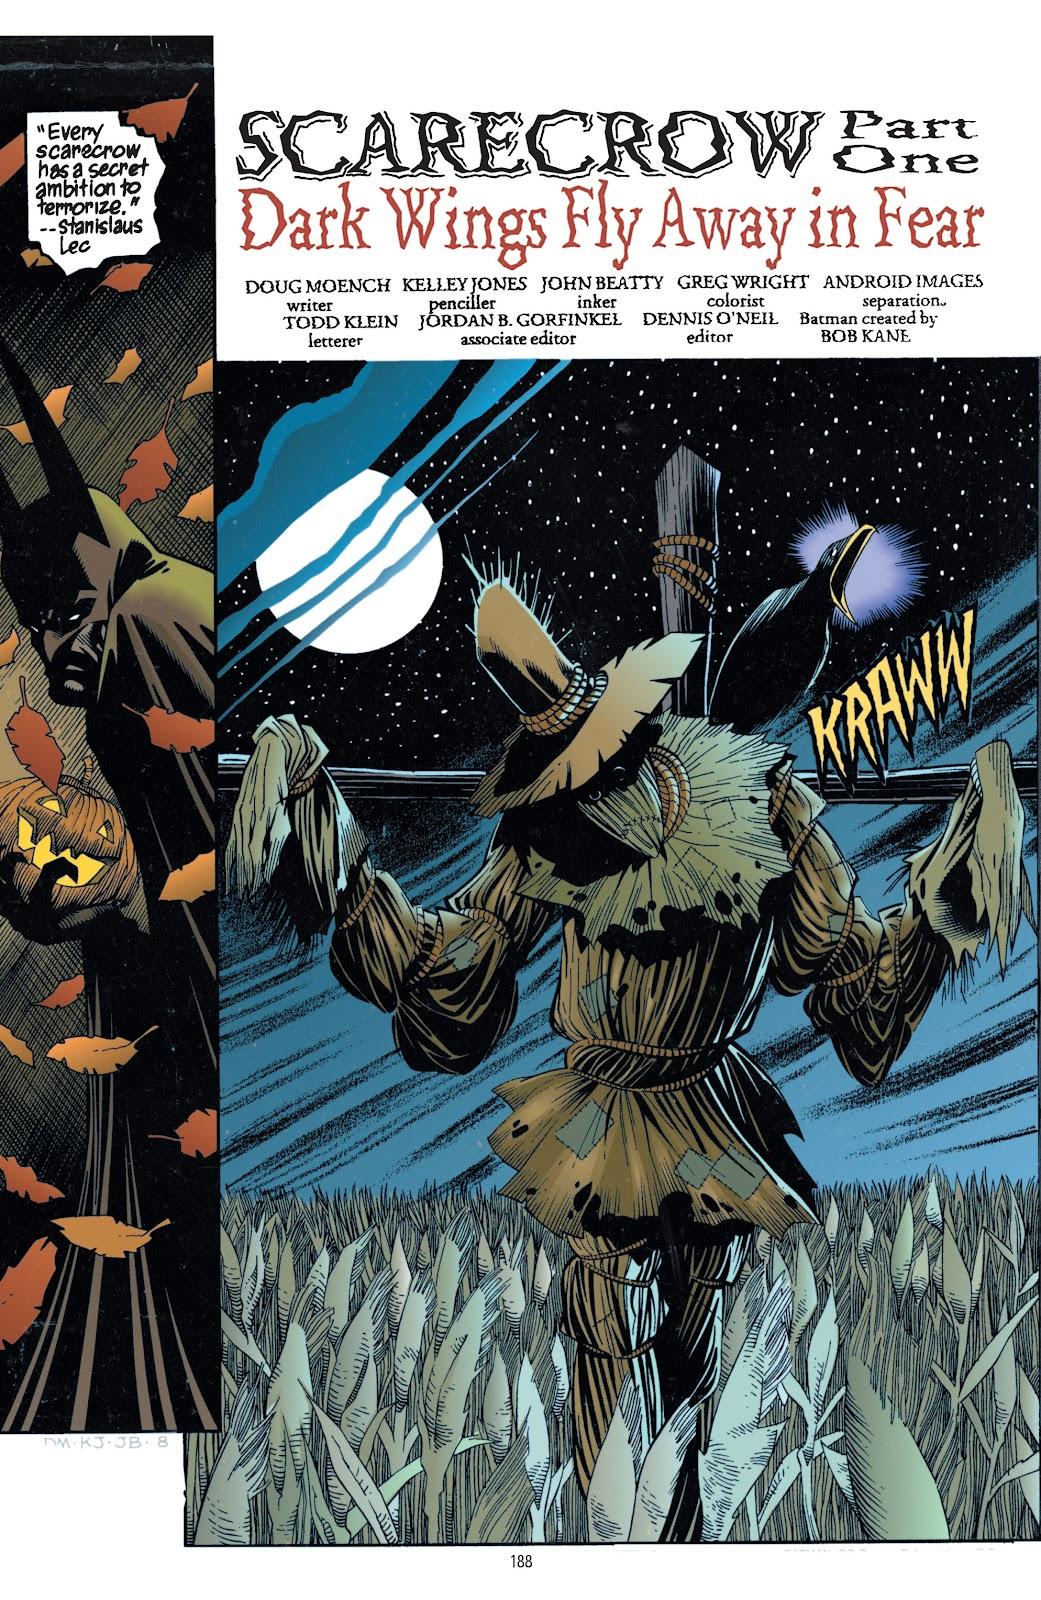 Read online Batman Arkham: Scarecrow comic -  Issue # TPB (Part 2) - 88